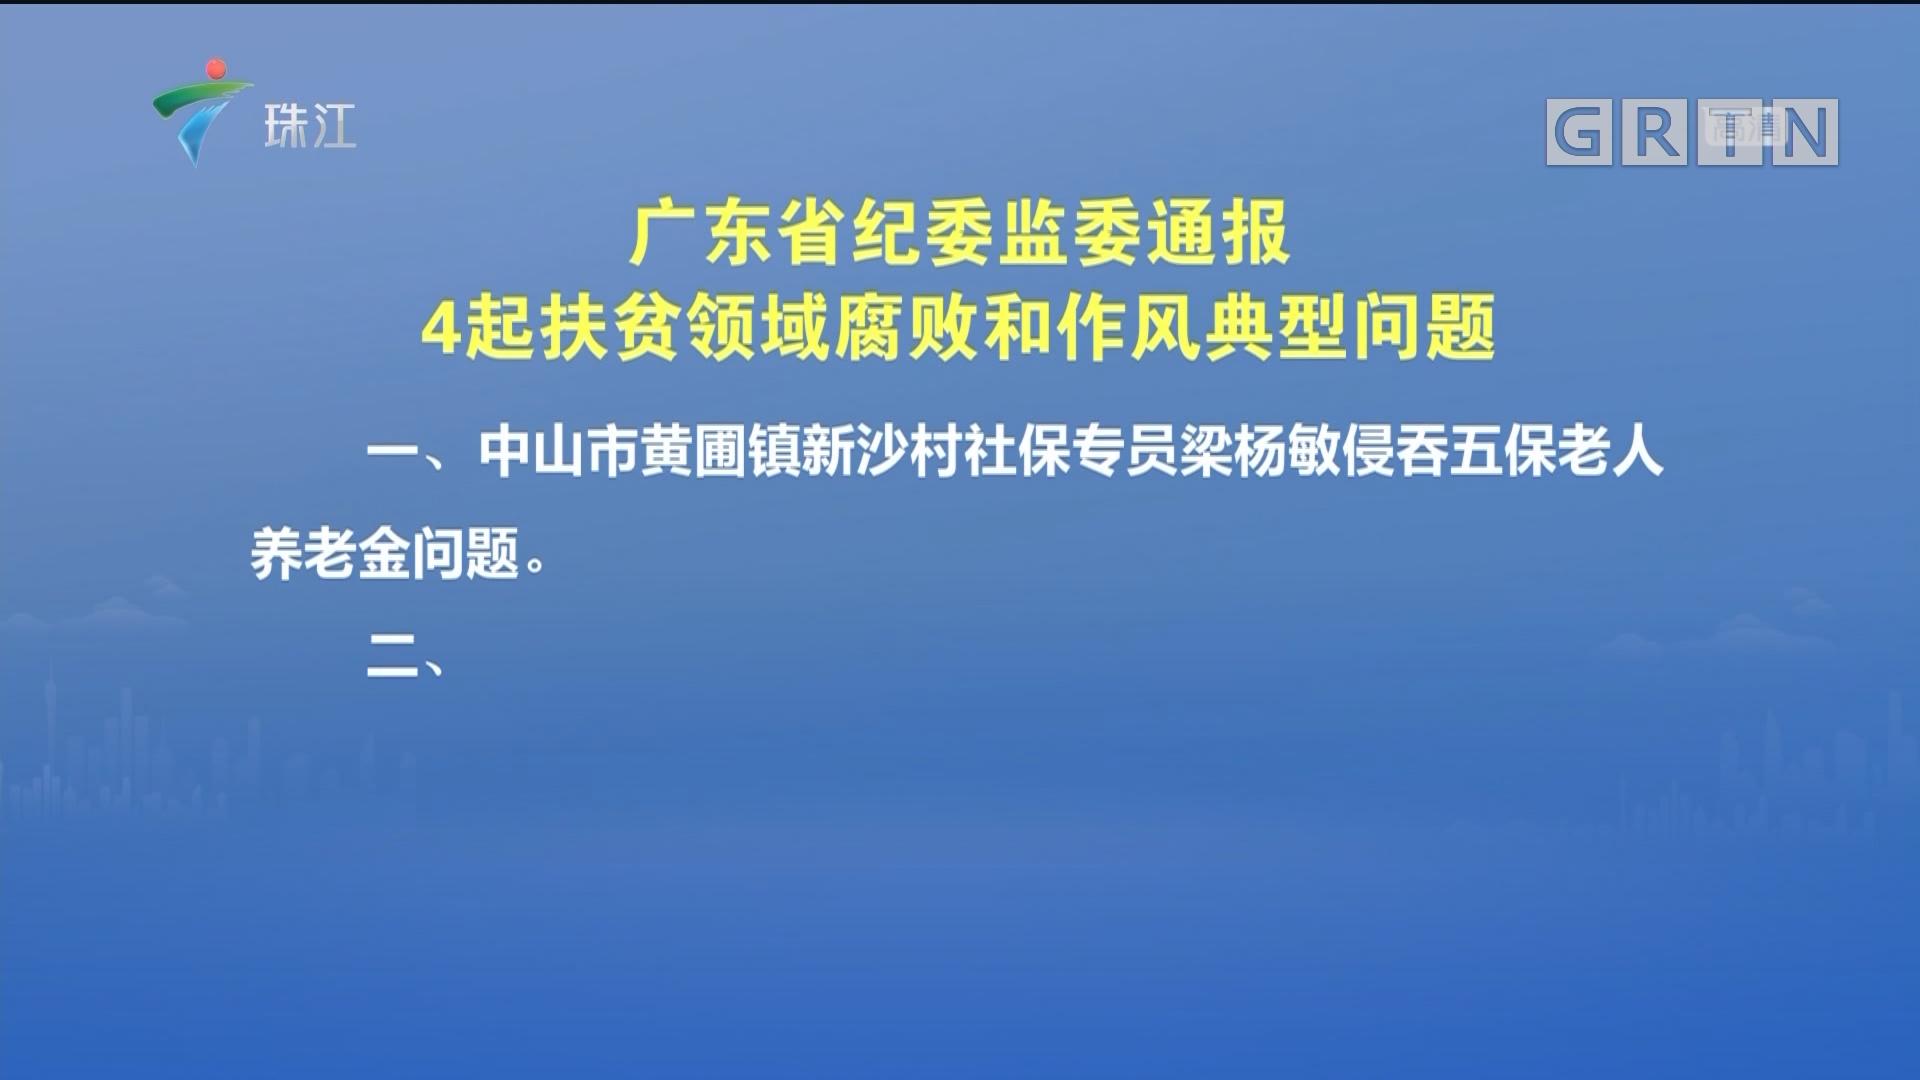 广东省纪委监委通报 4起扶贫领域腐败和作风典型问题